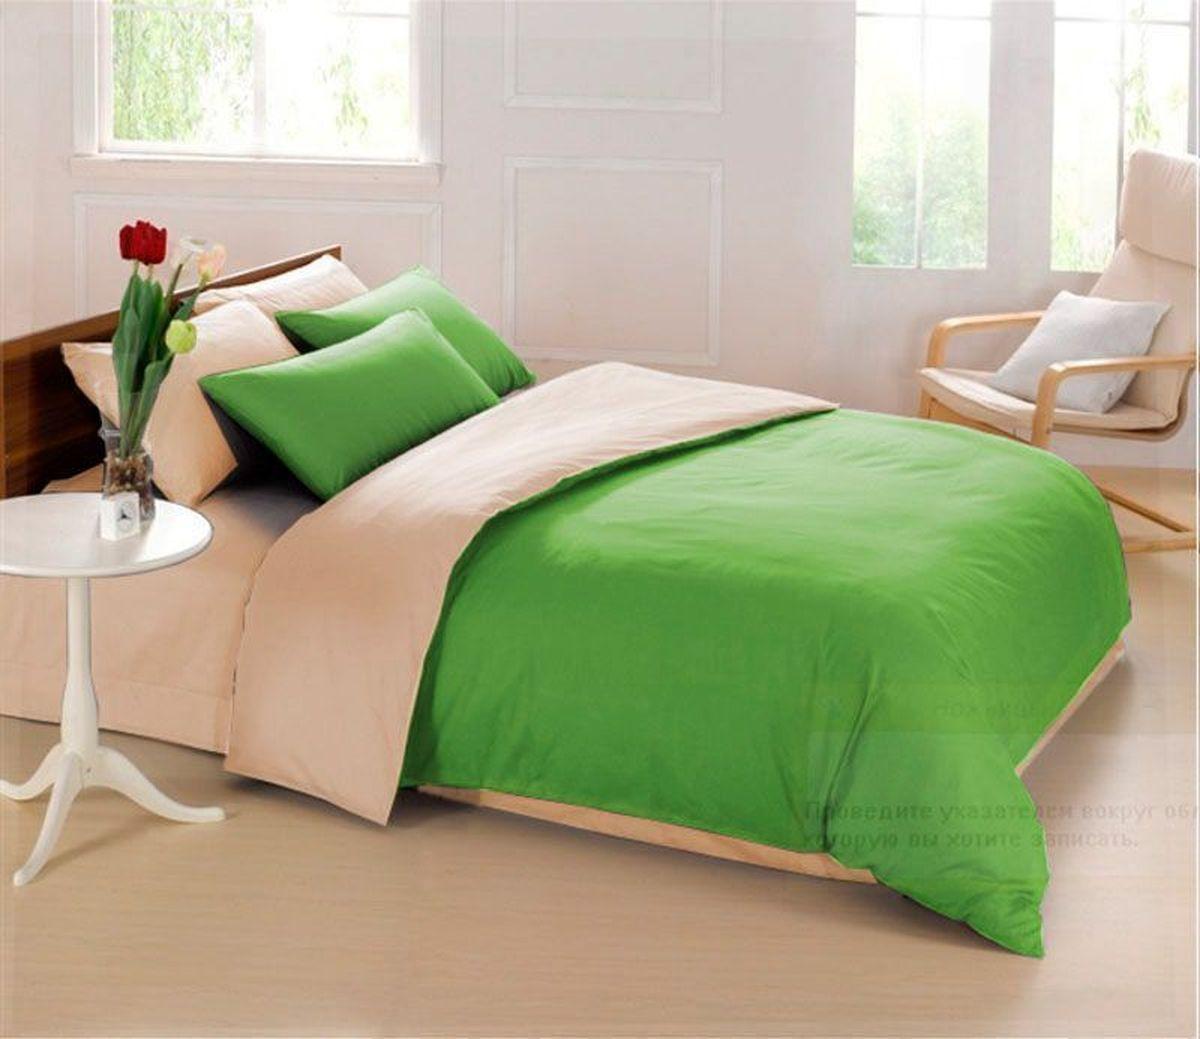 Постельное белье Sleep iX Perfection, семейный, цвет: зеленый, бежевыйpva215428Известно, что цвет напрямую воздействует на психологическое и физическое состояние человека. Специально для наших покупателей мы внесли описание воздействия каждого цвета в комплекты постельного белья Perfection. Зеленый - успокаивающий, нейтральный, мягкий цвет. Нормализует деятельность сердечно-сосудистой системы, успокаивает сильное сердцебиение, стабилизирует артериальное давление и функции нервной системы. Бежевый – обладает внутренней теплотой, заряжает положительной энергетикой и способствует формированию душевной гармонии. Человек ощущает себя в окружении бежевого цвета очень спокойно. Производитель: Sleep iX Материал: Микрофреш (100 г/м2) Состав материала: 100% микрофибра Размер: Семейное (2 пододеял.) Размер пододеяльника: 150х220 см Тип застежки на пододеяльнике: Молния (100 см) Размер простыни: 220х240 (обычная) Размер наволочек: 50х70 и 70х70 (по 2 шт) Тип застежки на наволочках: Клапан (20 см) Упаковка комплекта: Подарочная...